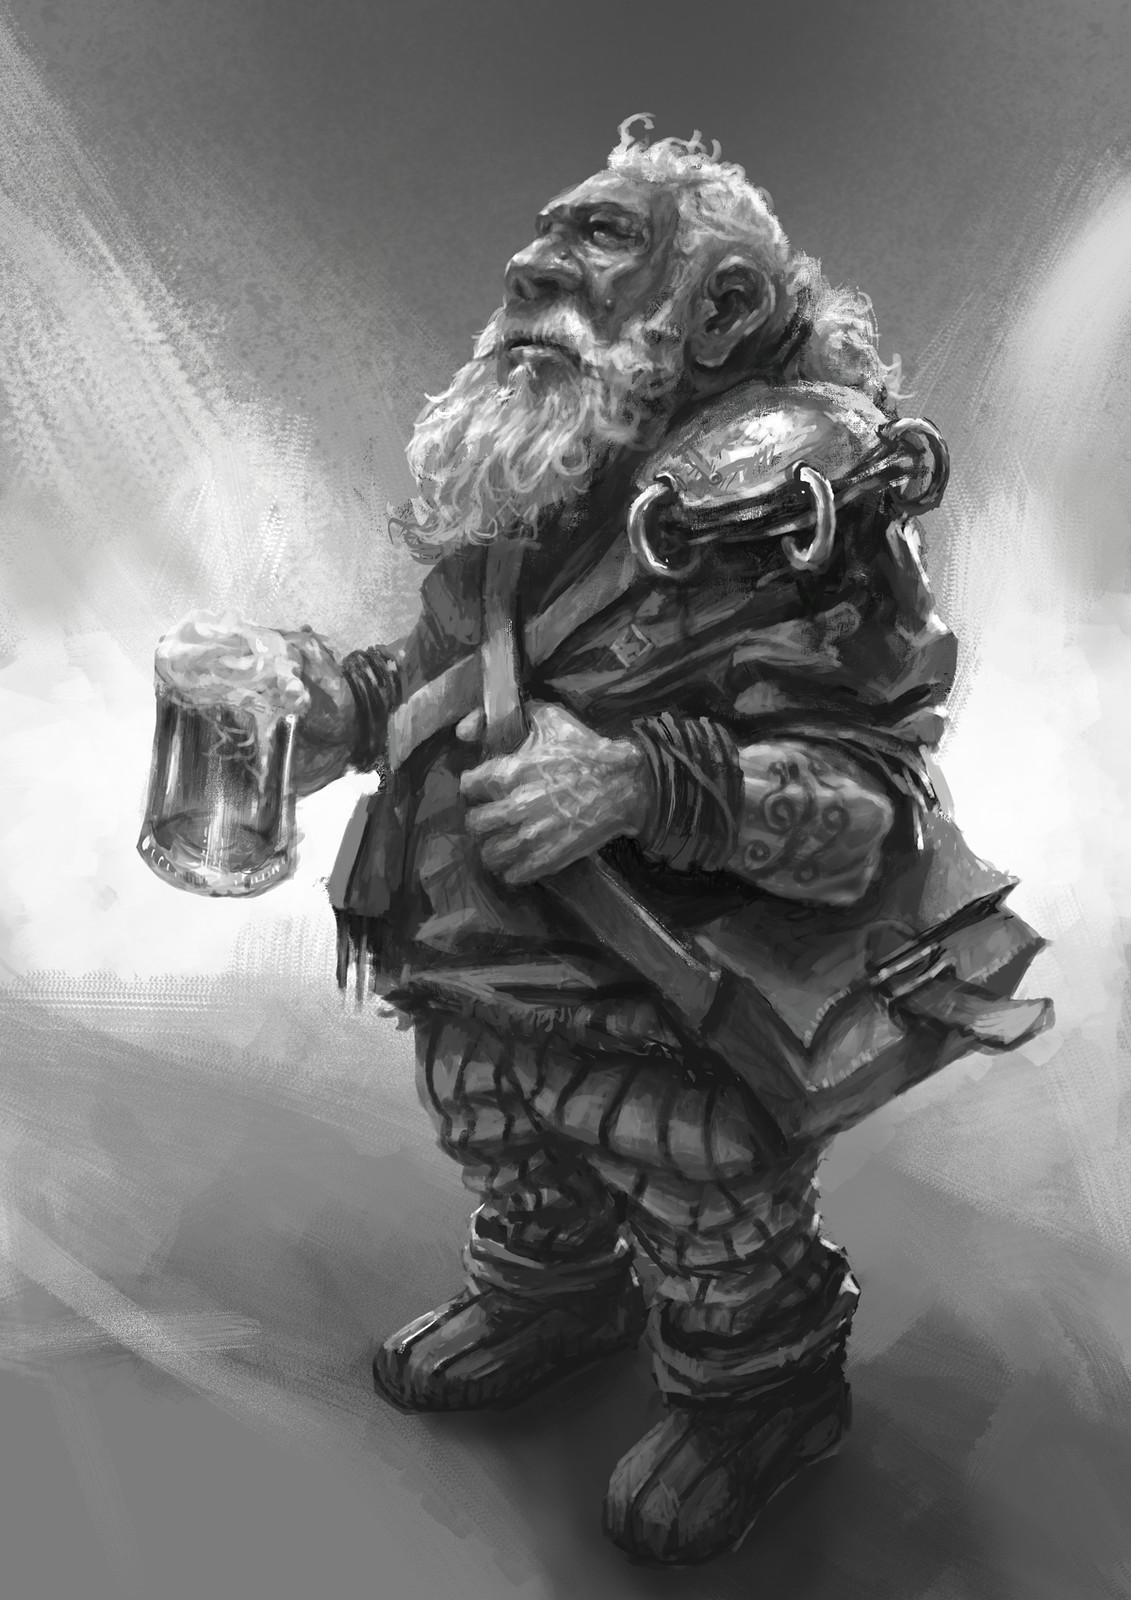 Dwarf after work